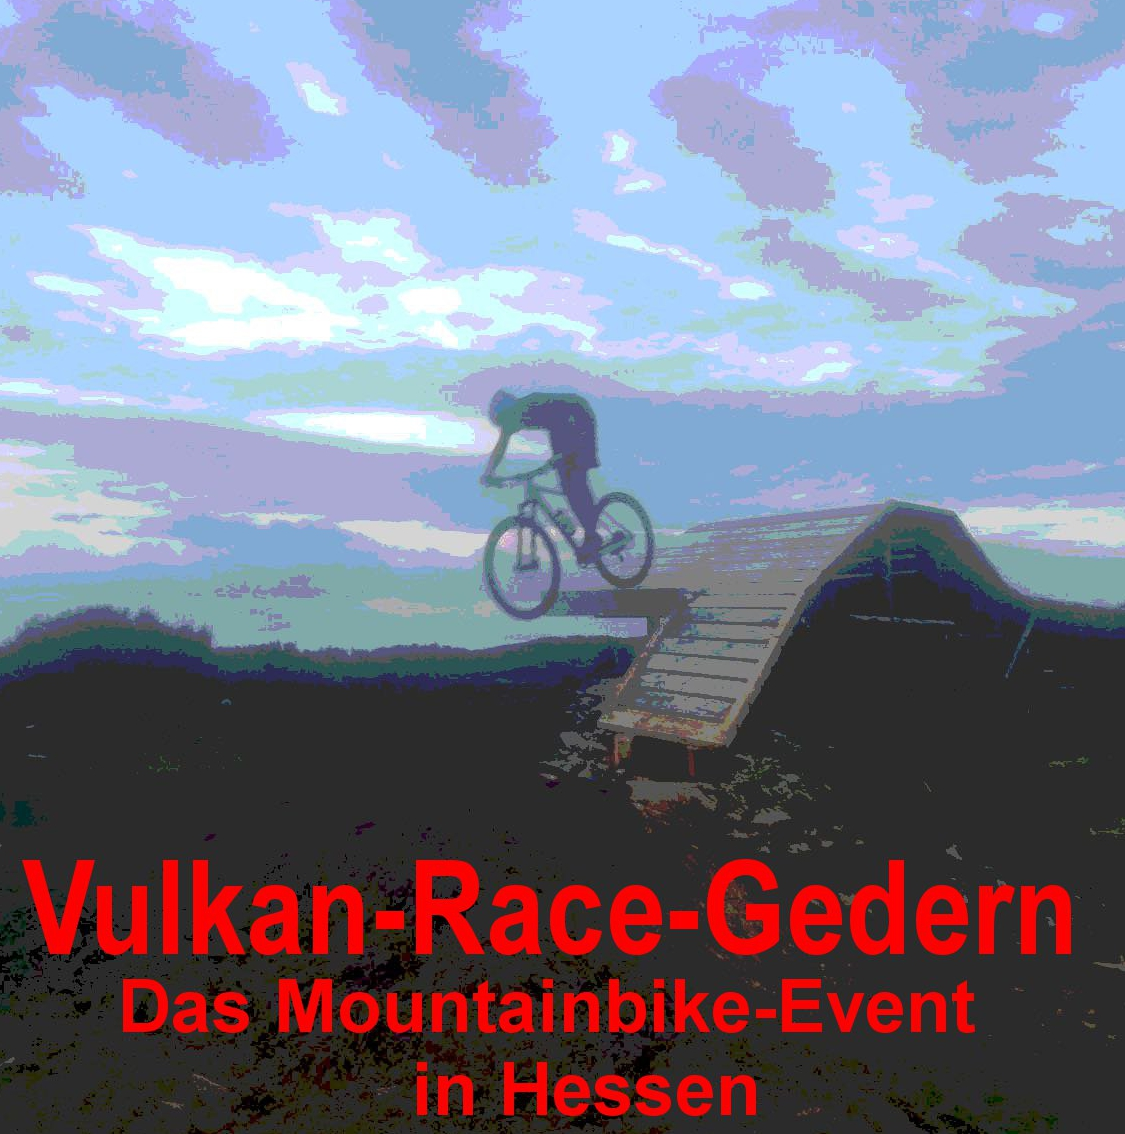 Plakat-Vulkan-Race